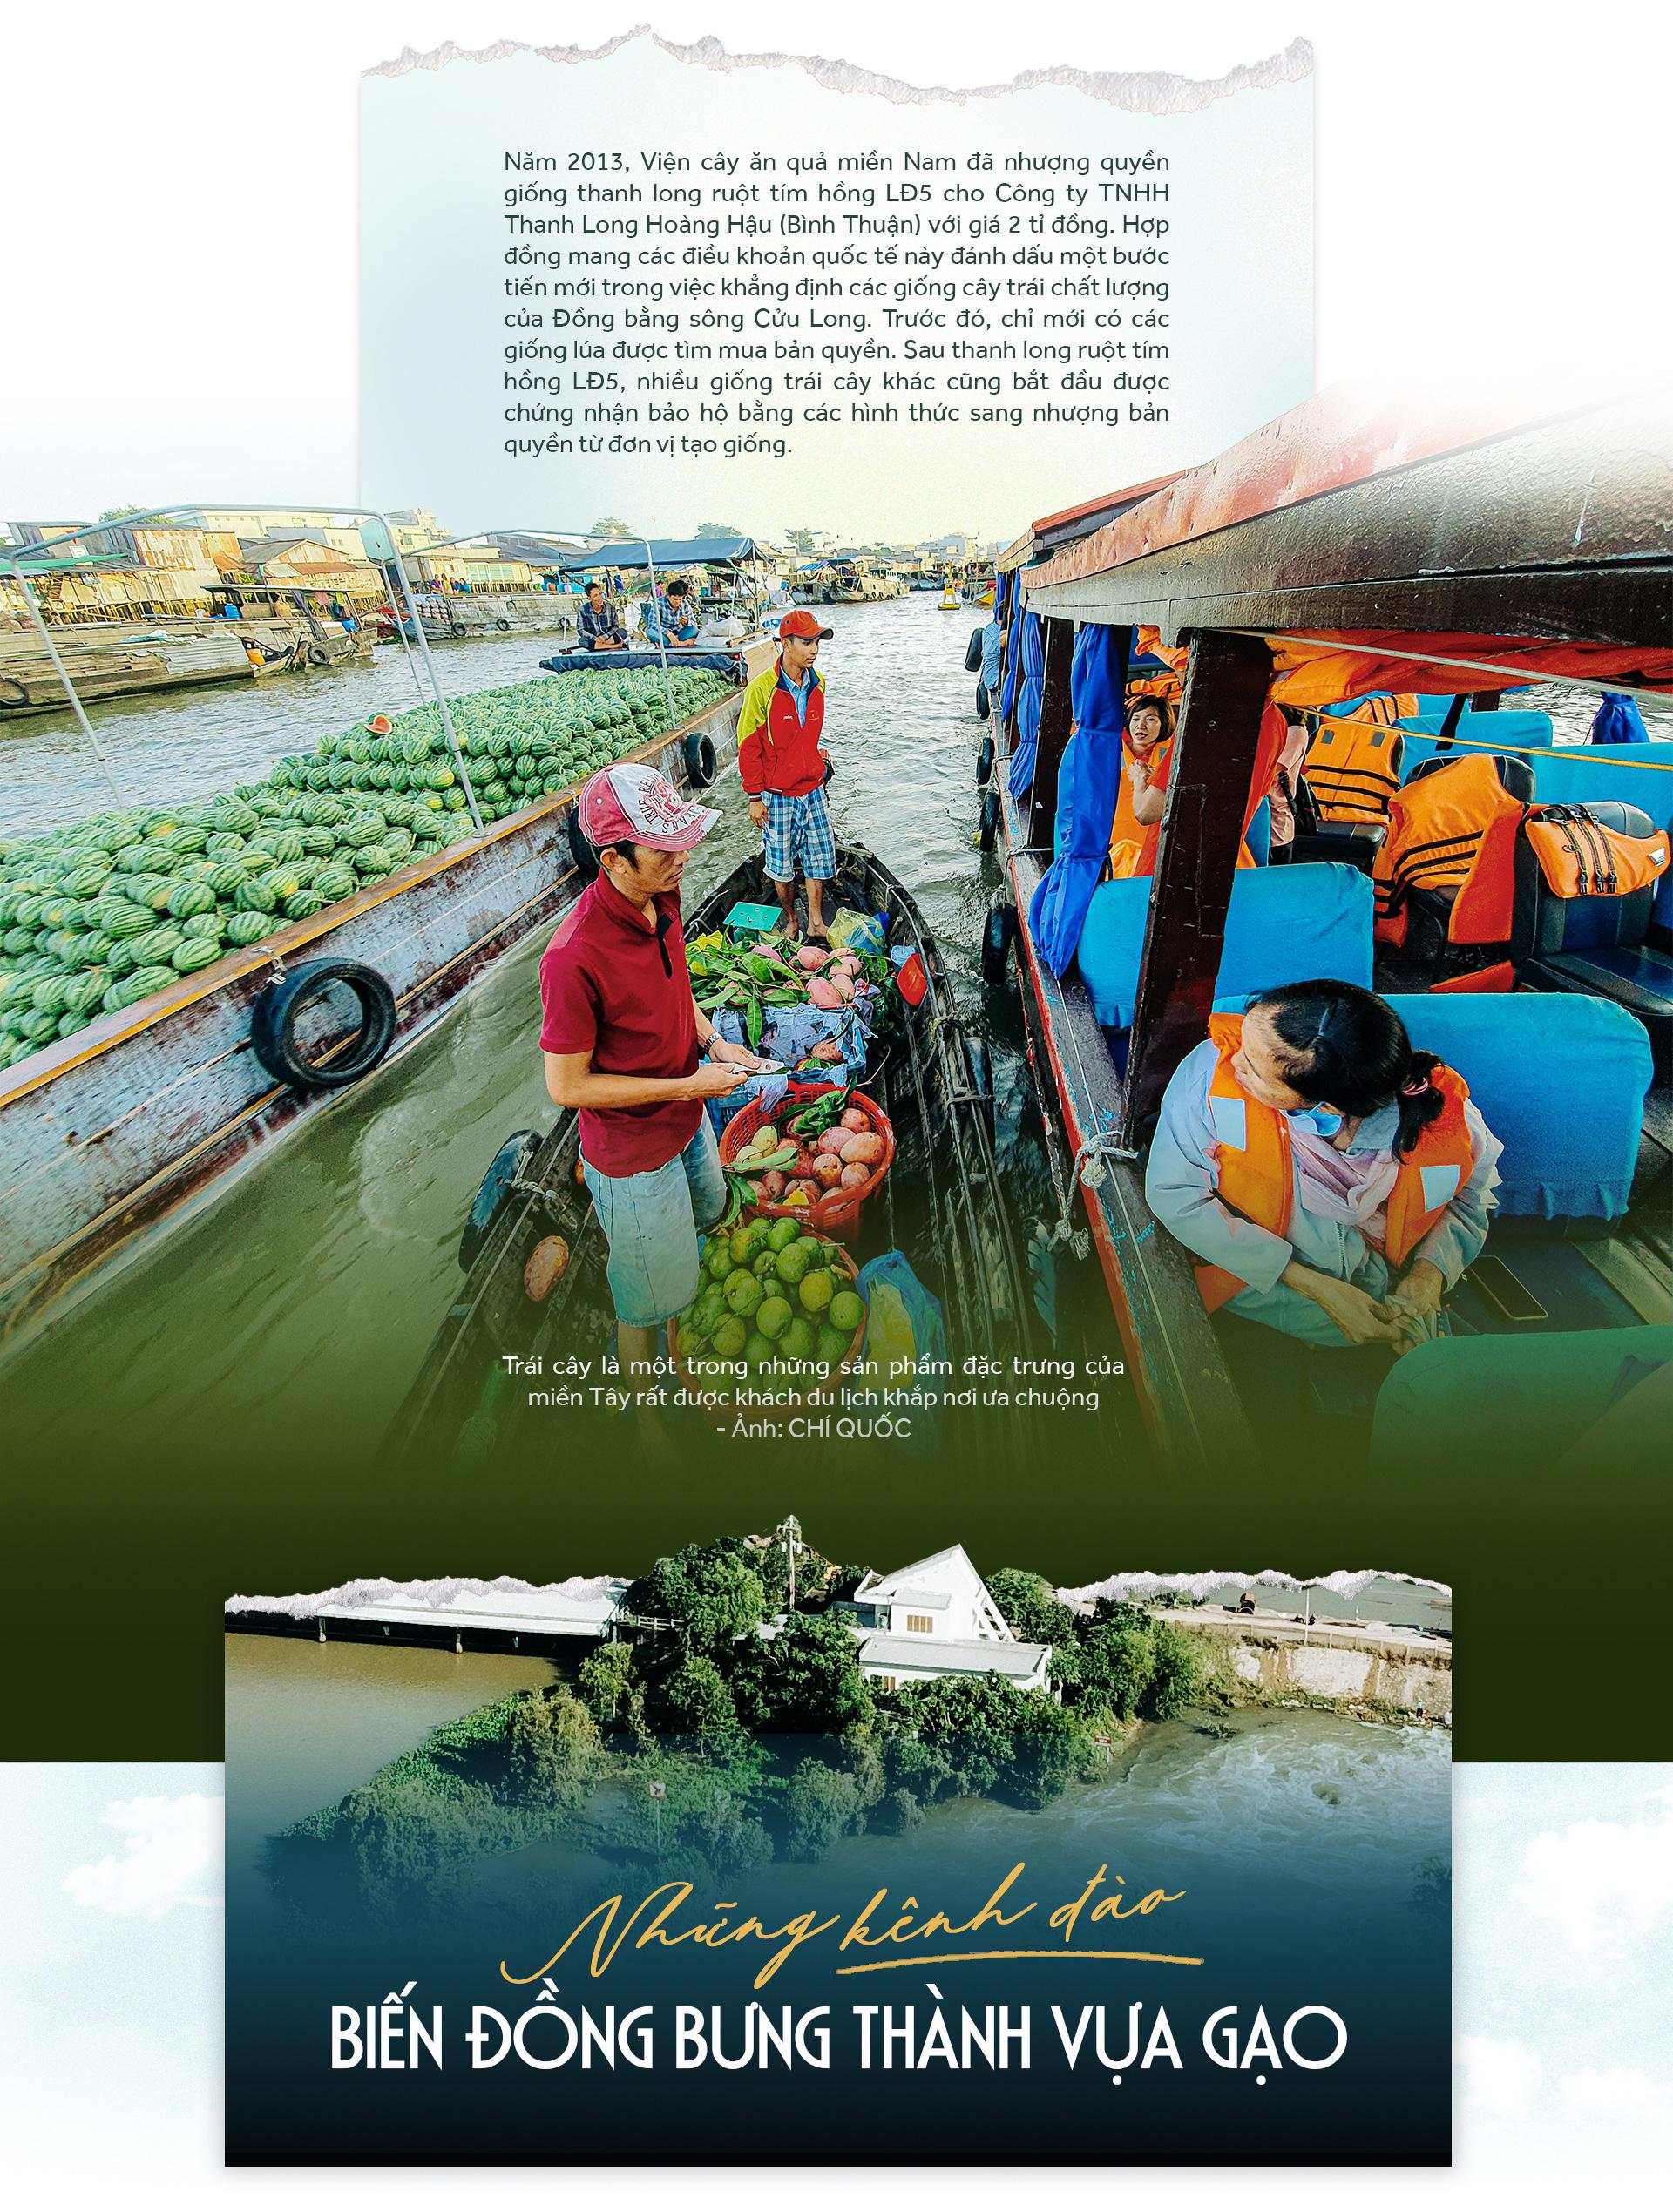 Đồng bằng sông Cửu Long: 35 năm thay da đổi thịt - Ảnh 35.